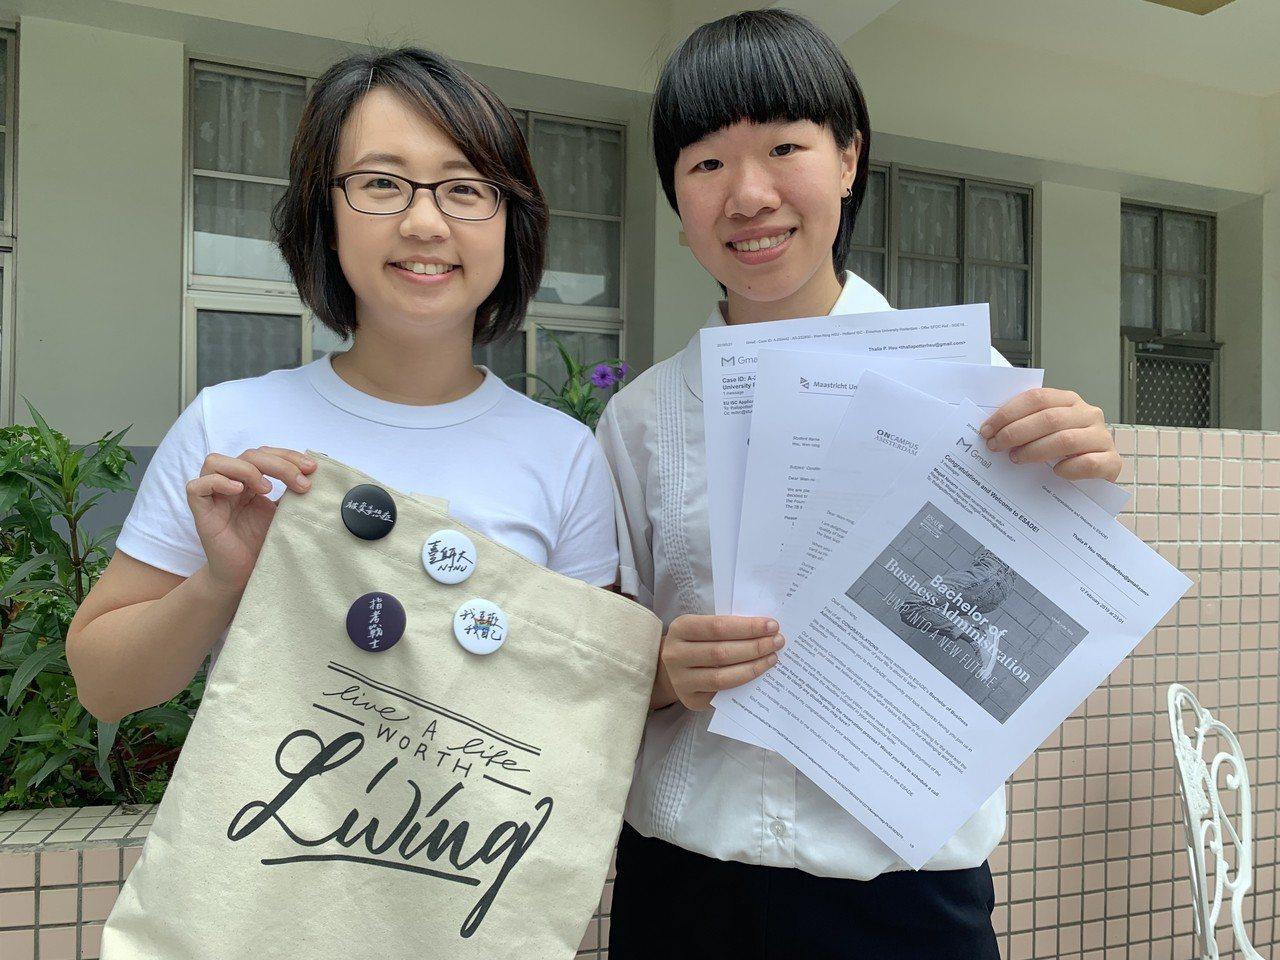 許雯寧(右)在埔里長大,3年前吊車尾考上台中二中,高二決定大學要赴國外唸書,錄取...